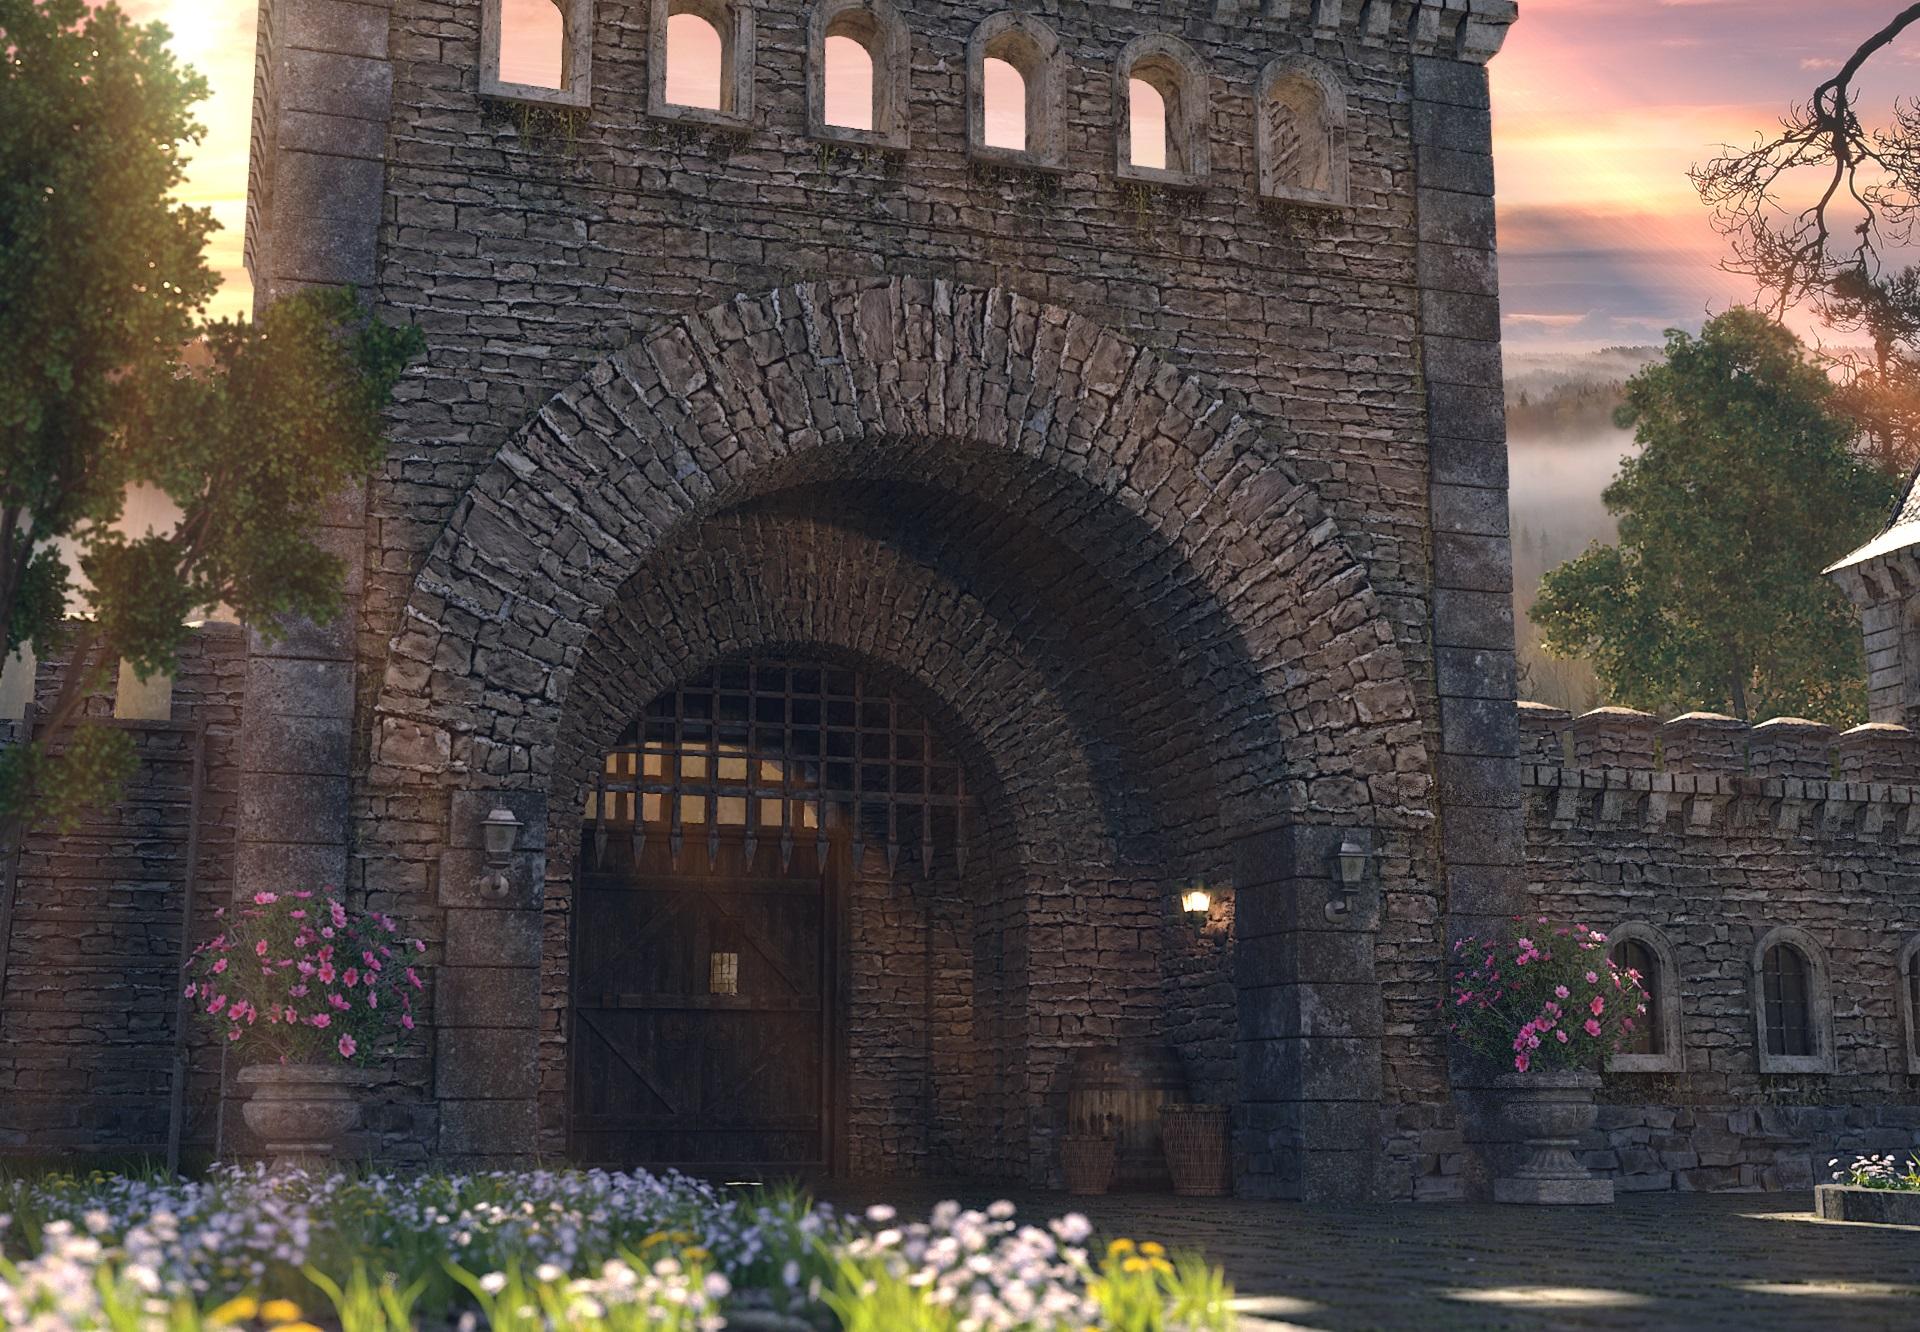 पश्चिमी यूरोप में कहीं 3d max corona render में प्रस्तुत छवि